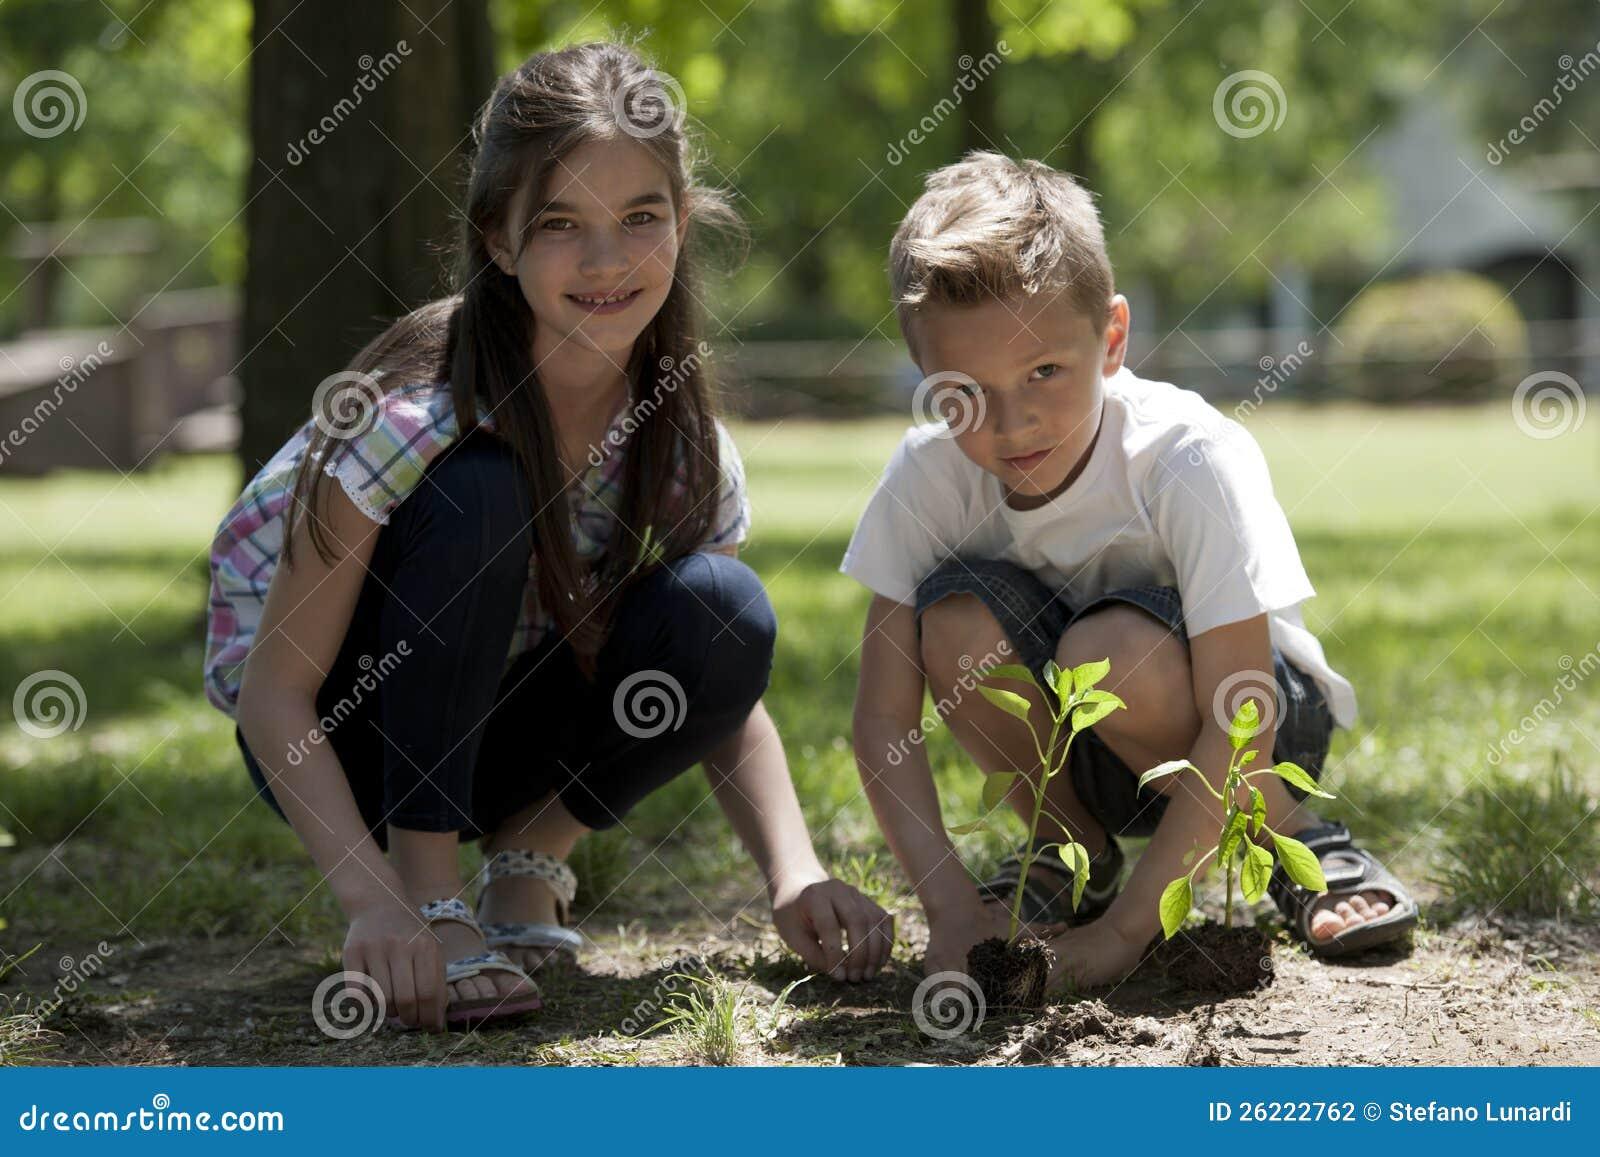 儿童种植 图库摄影 - 图片